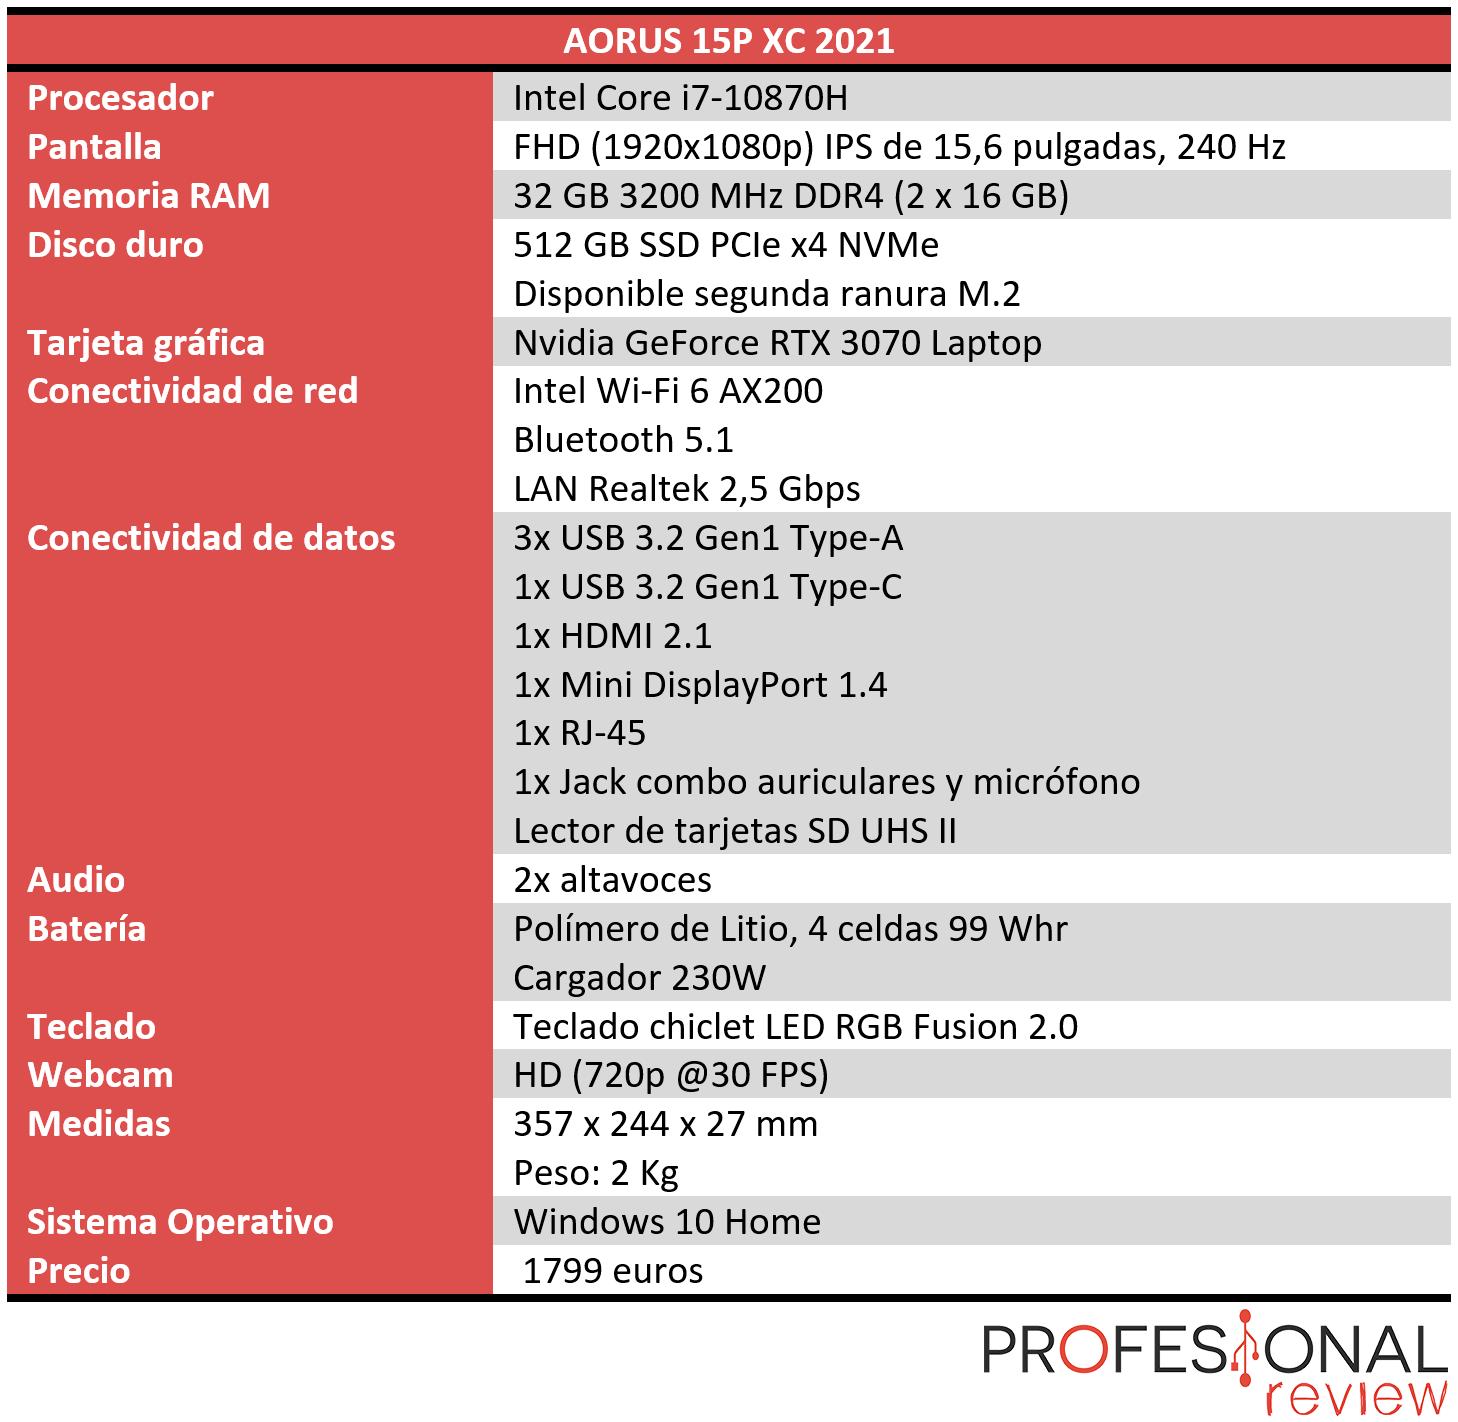 AORUS 15P XC Características